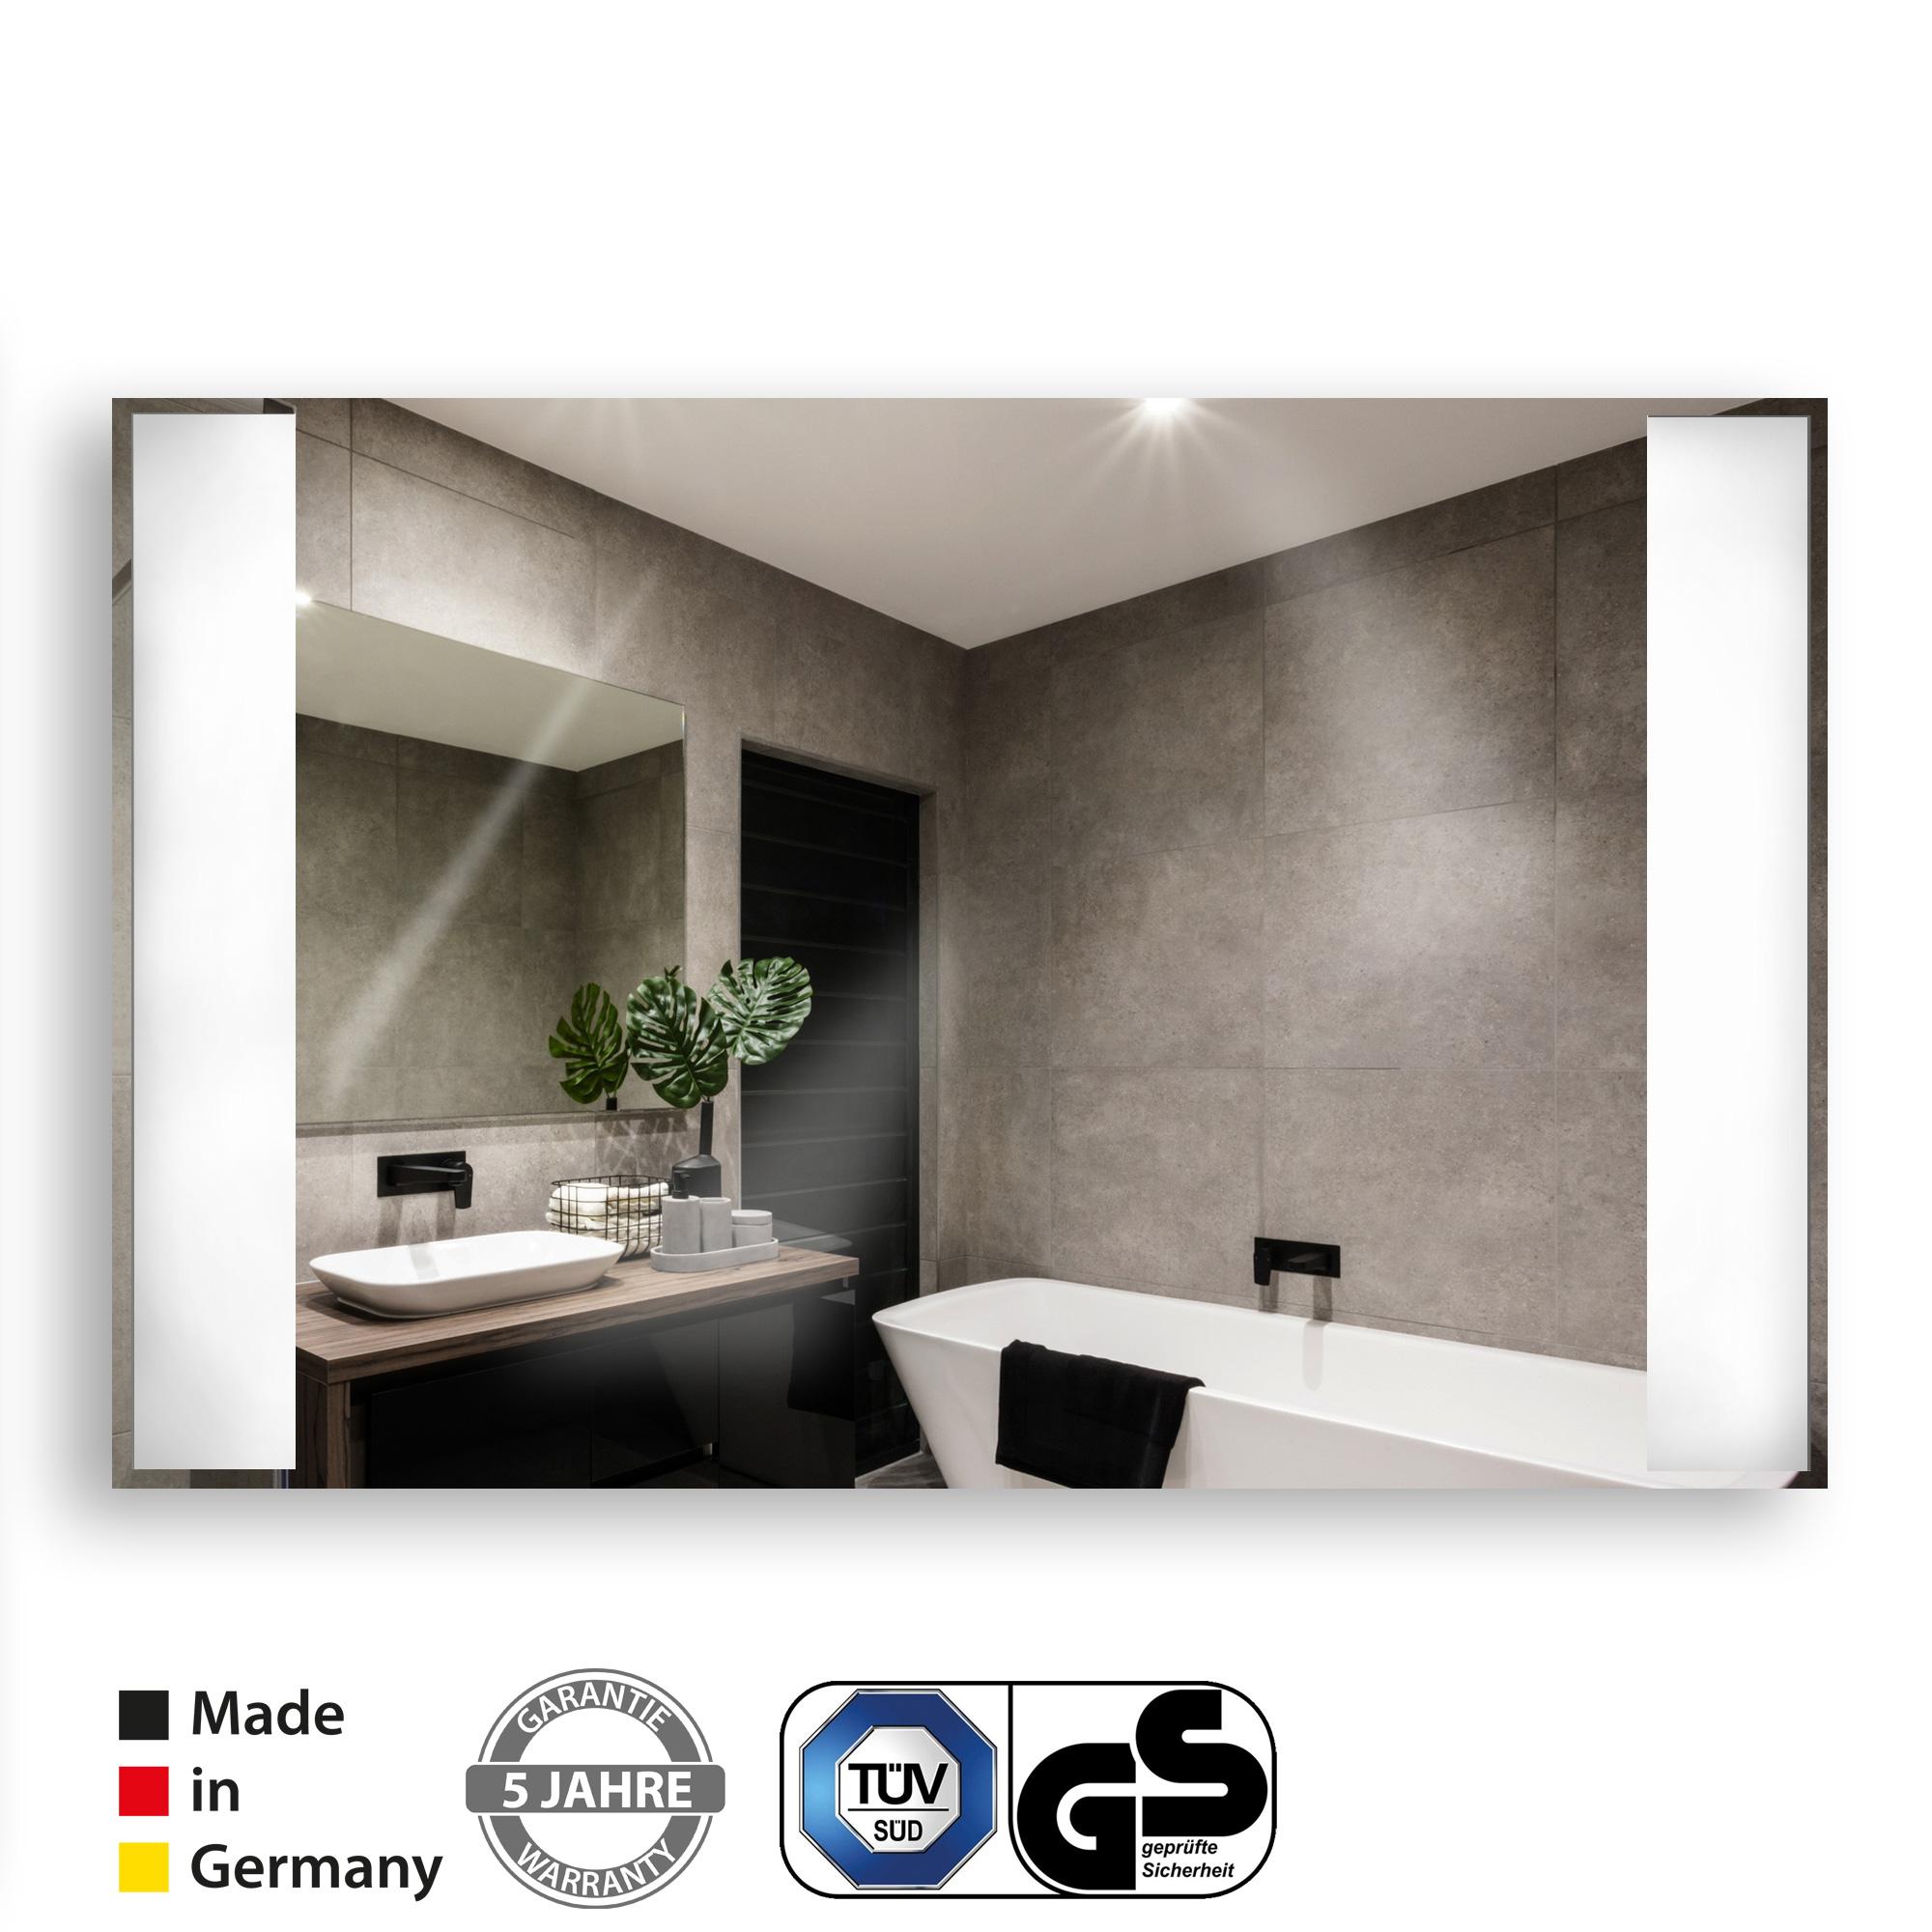 neue infrarot spiegelheizung mit led beleuchtung manketech gmbh. Black Bedroom Furniture Sets. Home Design Ideas